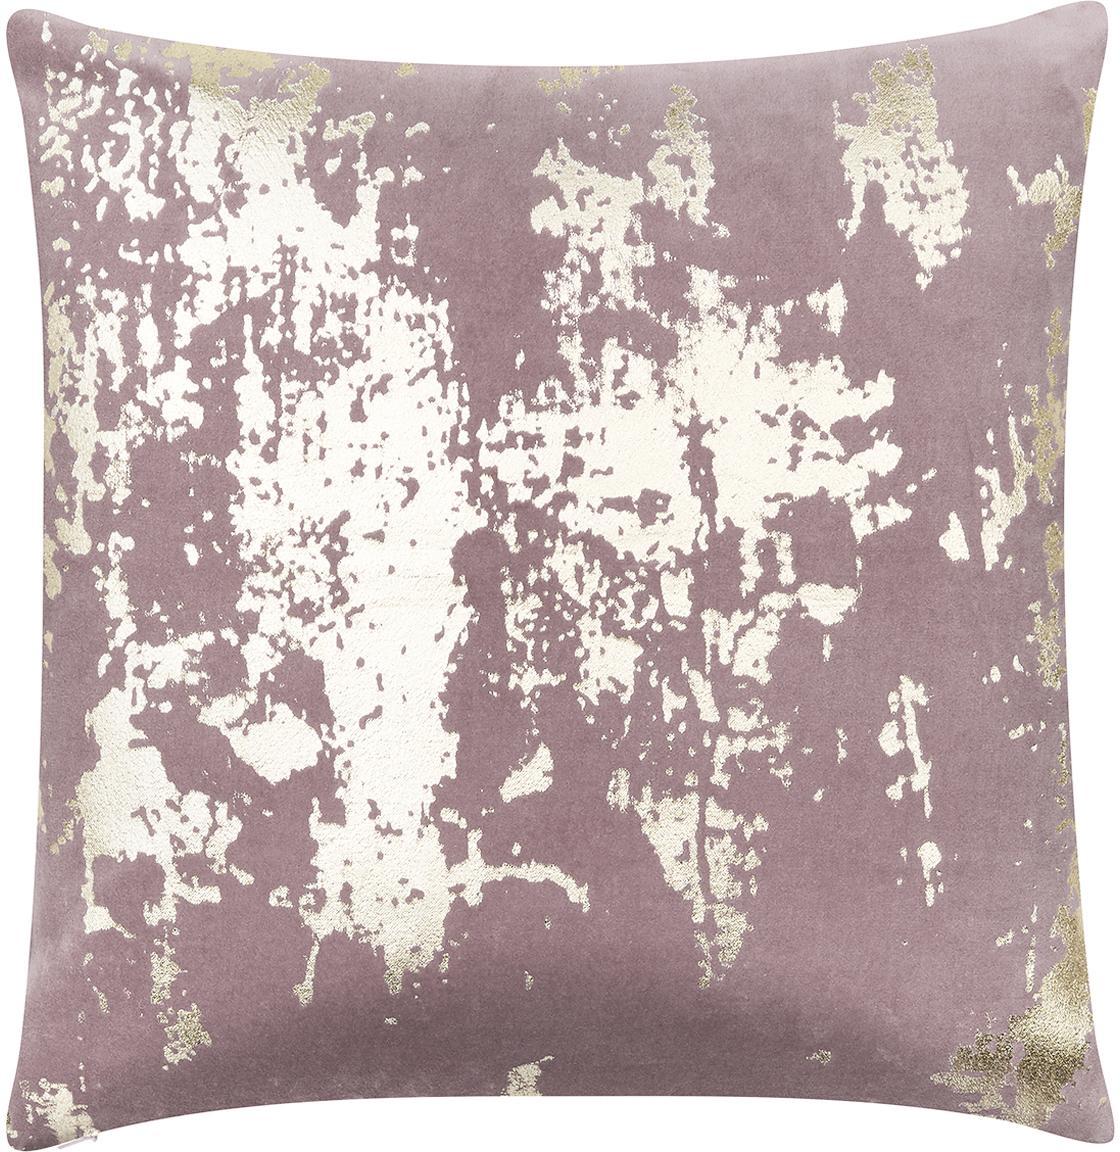 Federa arredo Shiny, Velluto di cotone, Malva, dorato, Larg. 40 x Lung. 40 cm